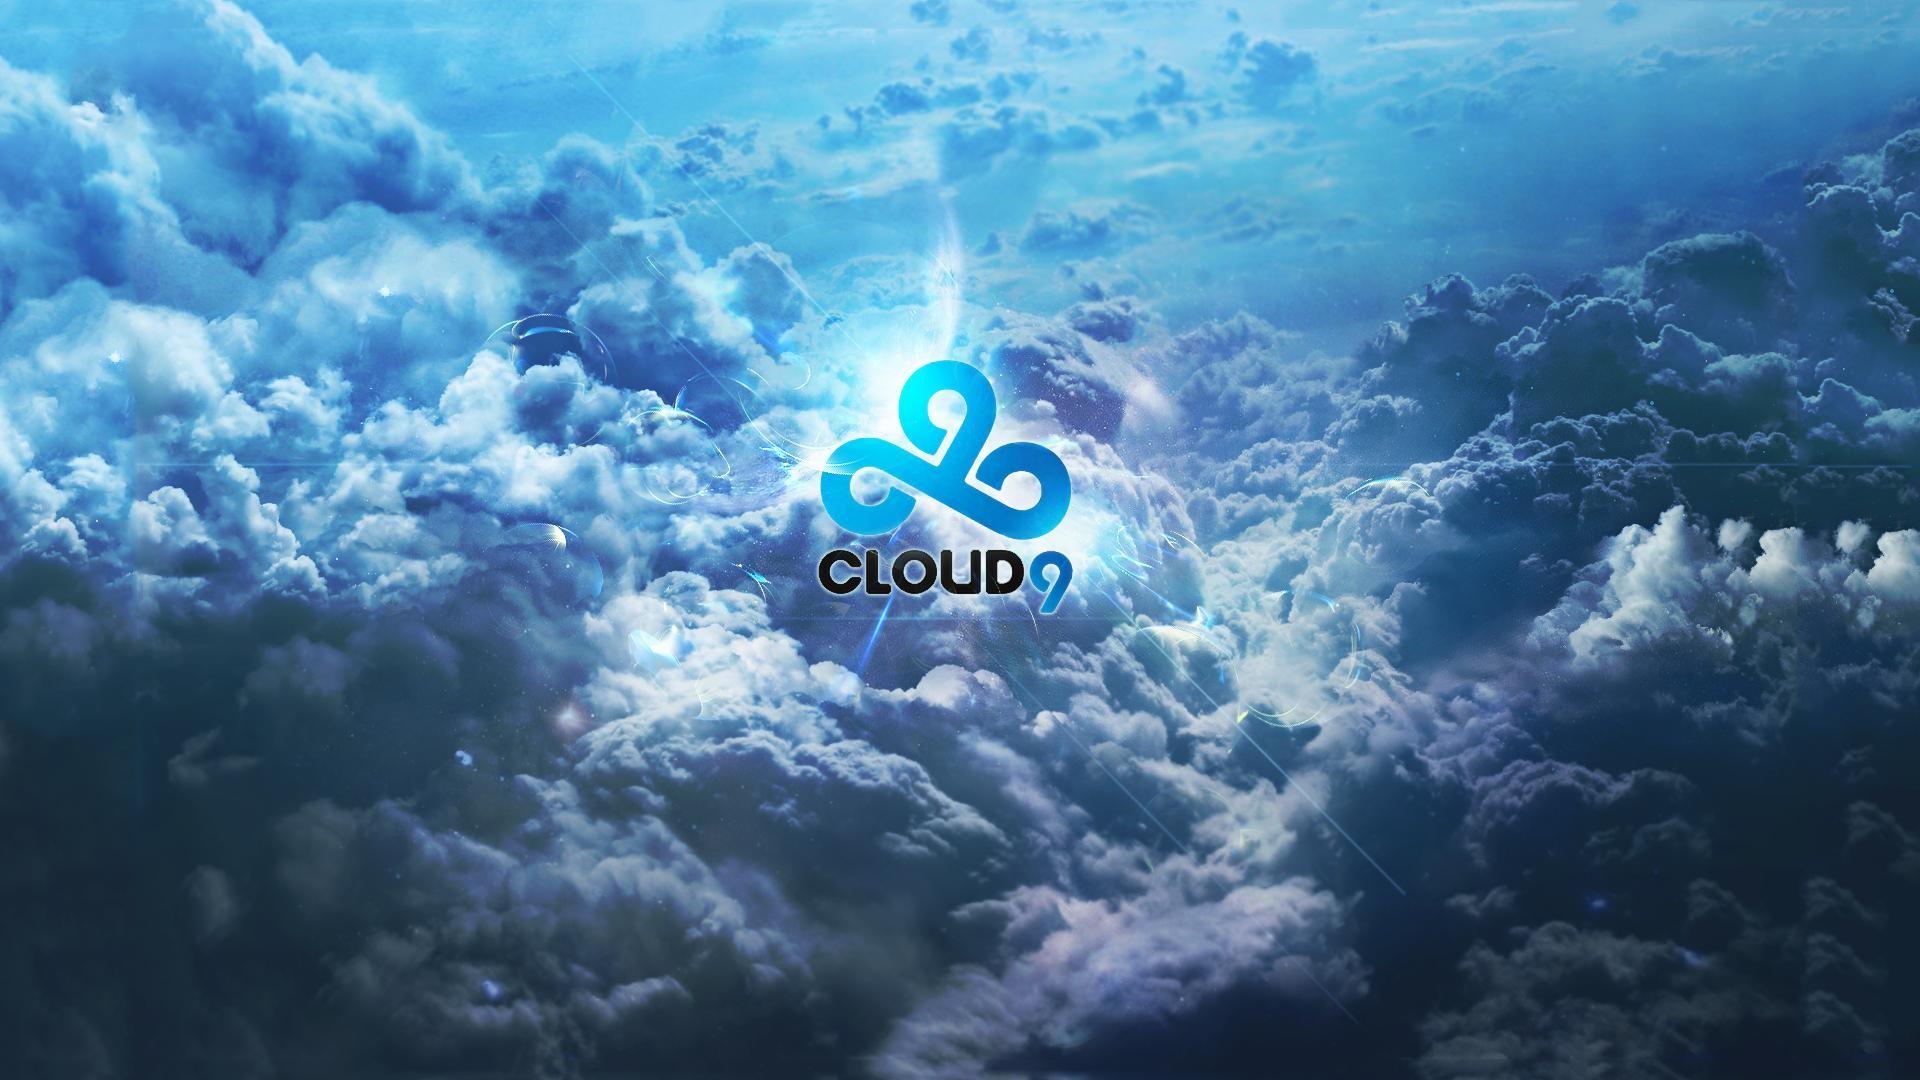 Cloud 9 …